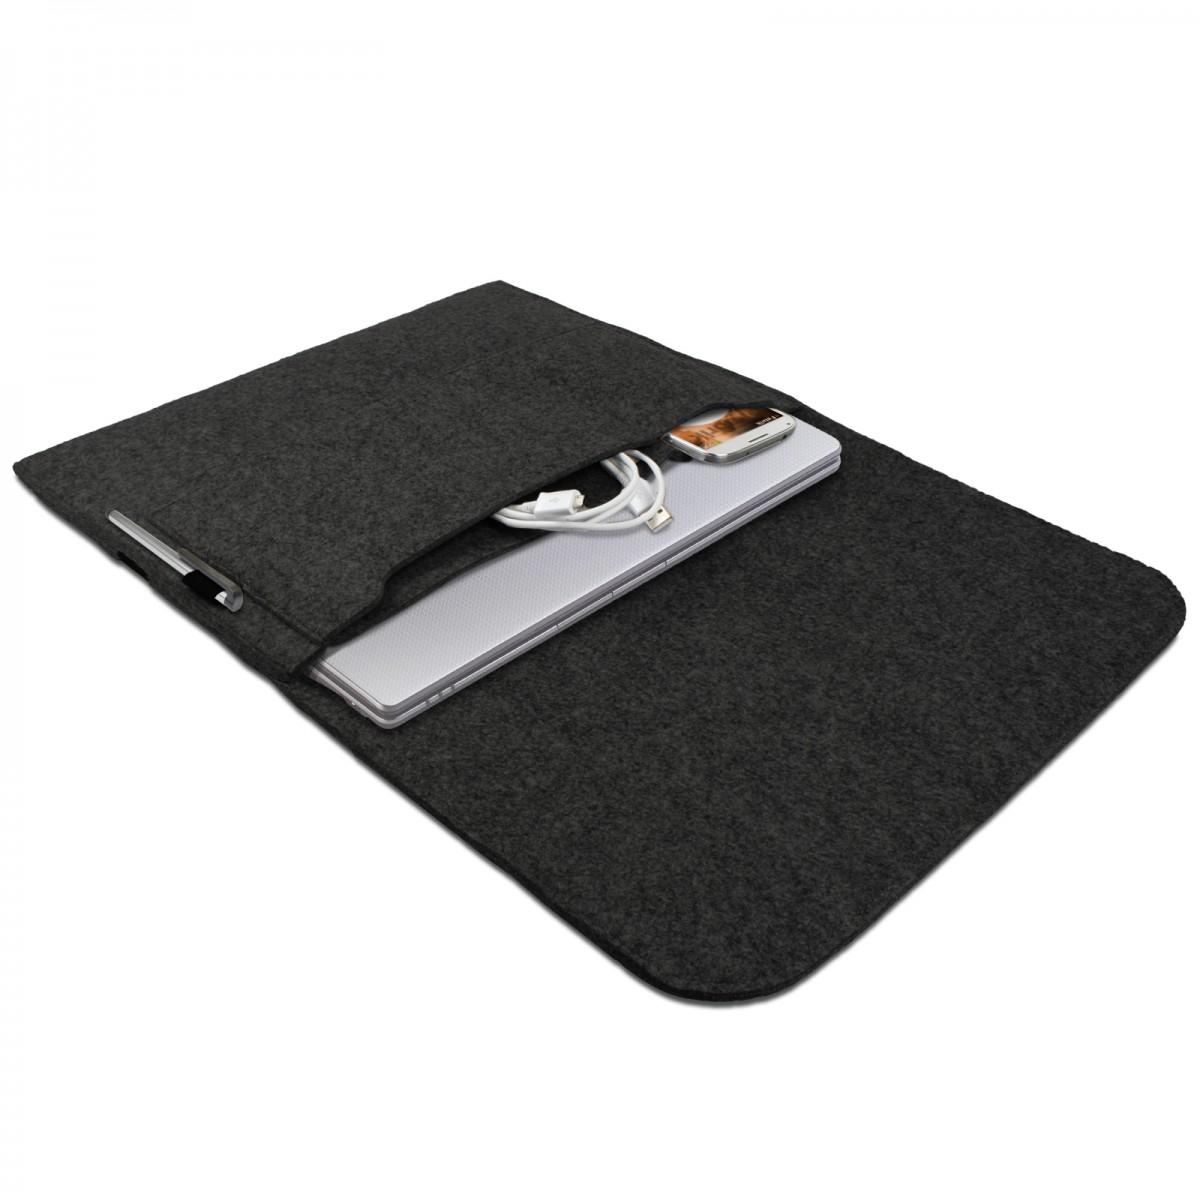 Case Filz Sleeve Schutz Für Tasche Hülle Macbook Zoll 13 3 Apple Air rxWoedCBQ